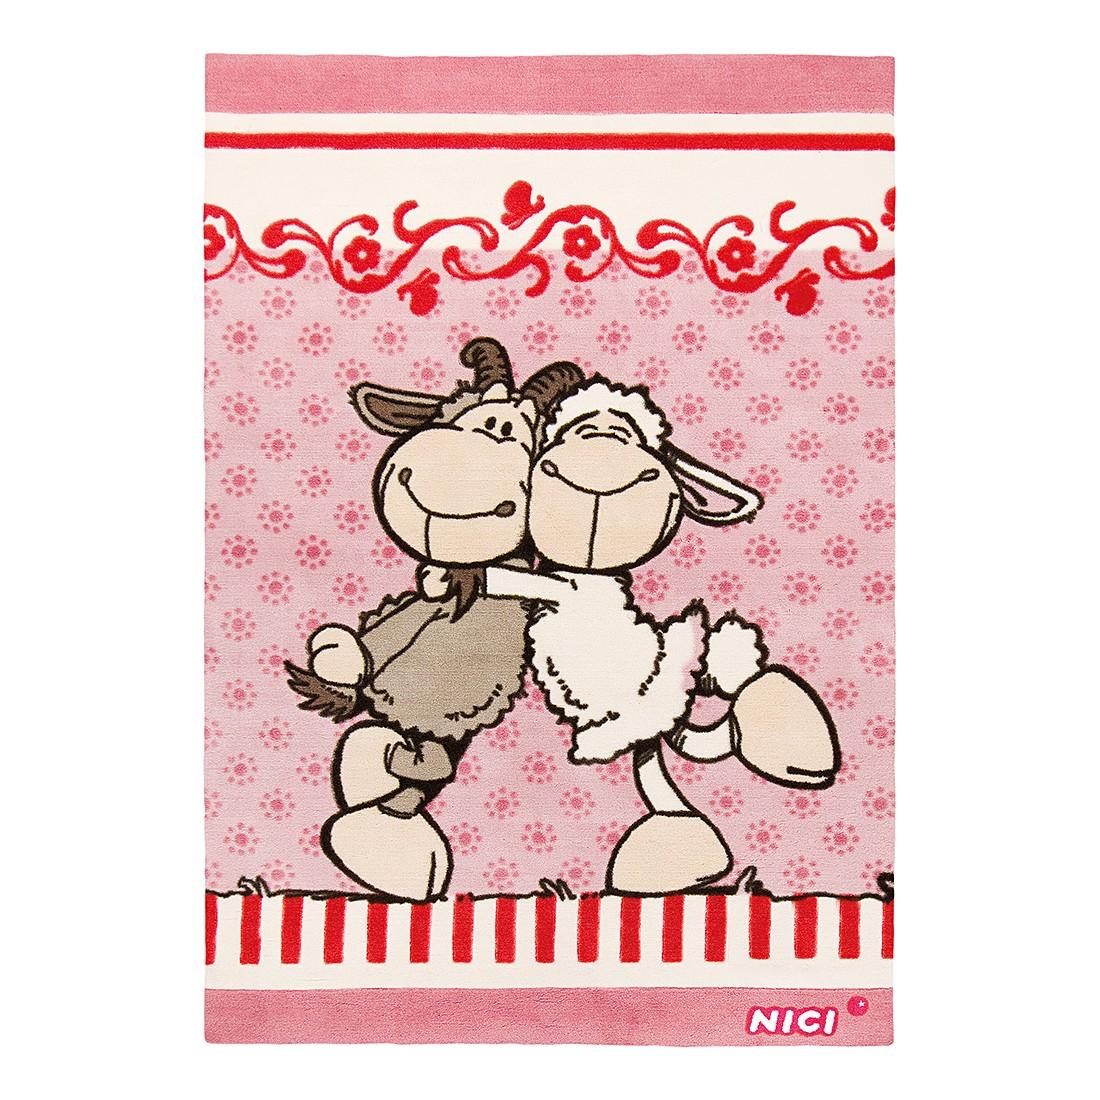 Teppich Jolly Elsa & Gustav I – Rosa, Nici online kaufen